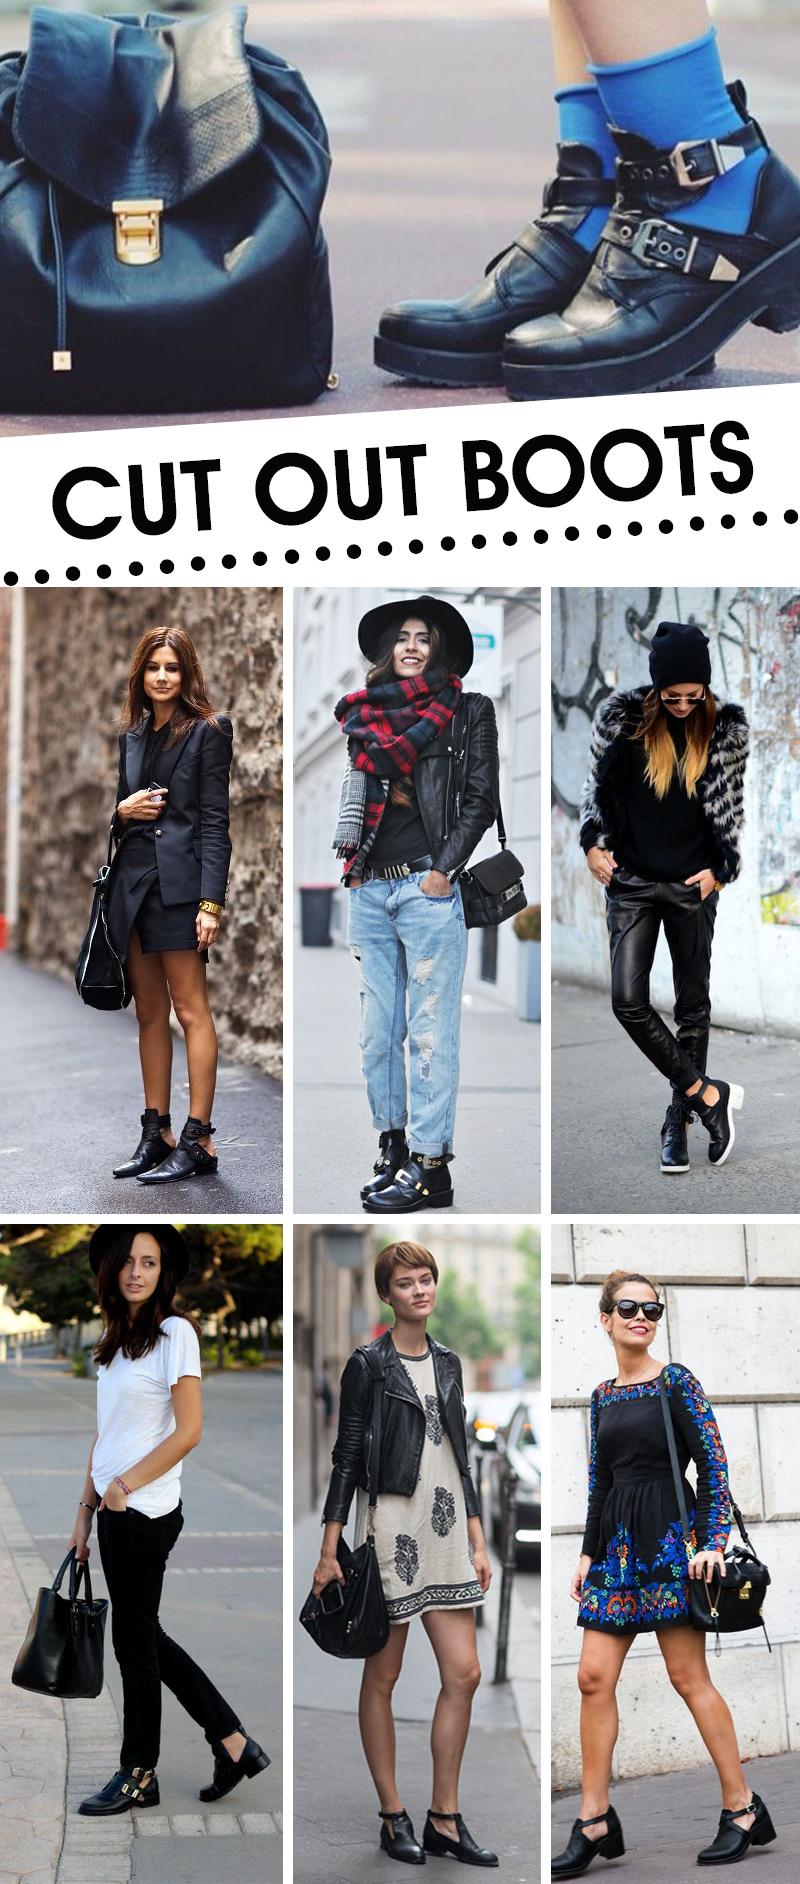 Como usar tendência em sapatos femininos cut out boots botas com recortes